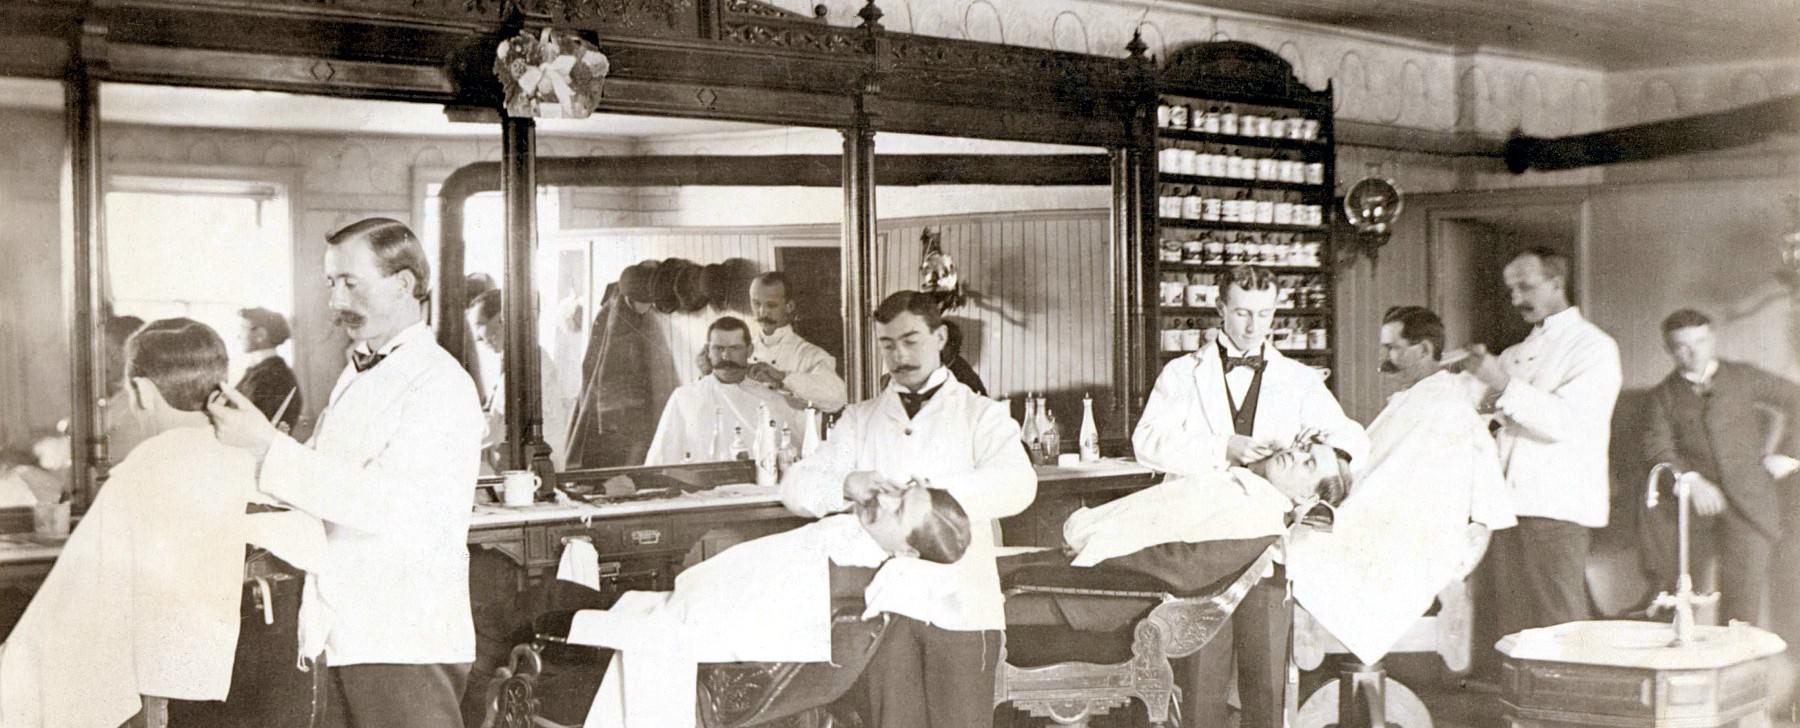 Andare dal barbiere un esperienza senza tempo for Sen martin arredo per barber shop